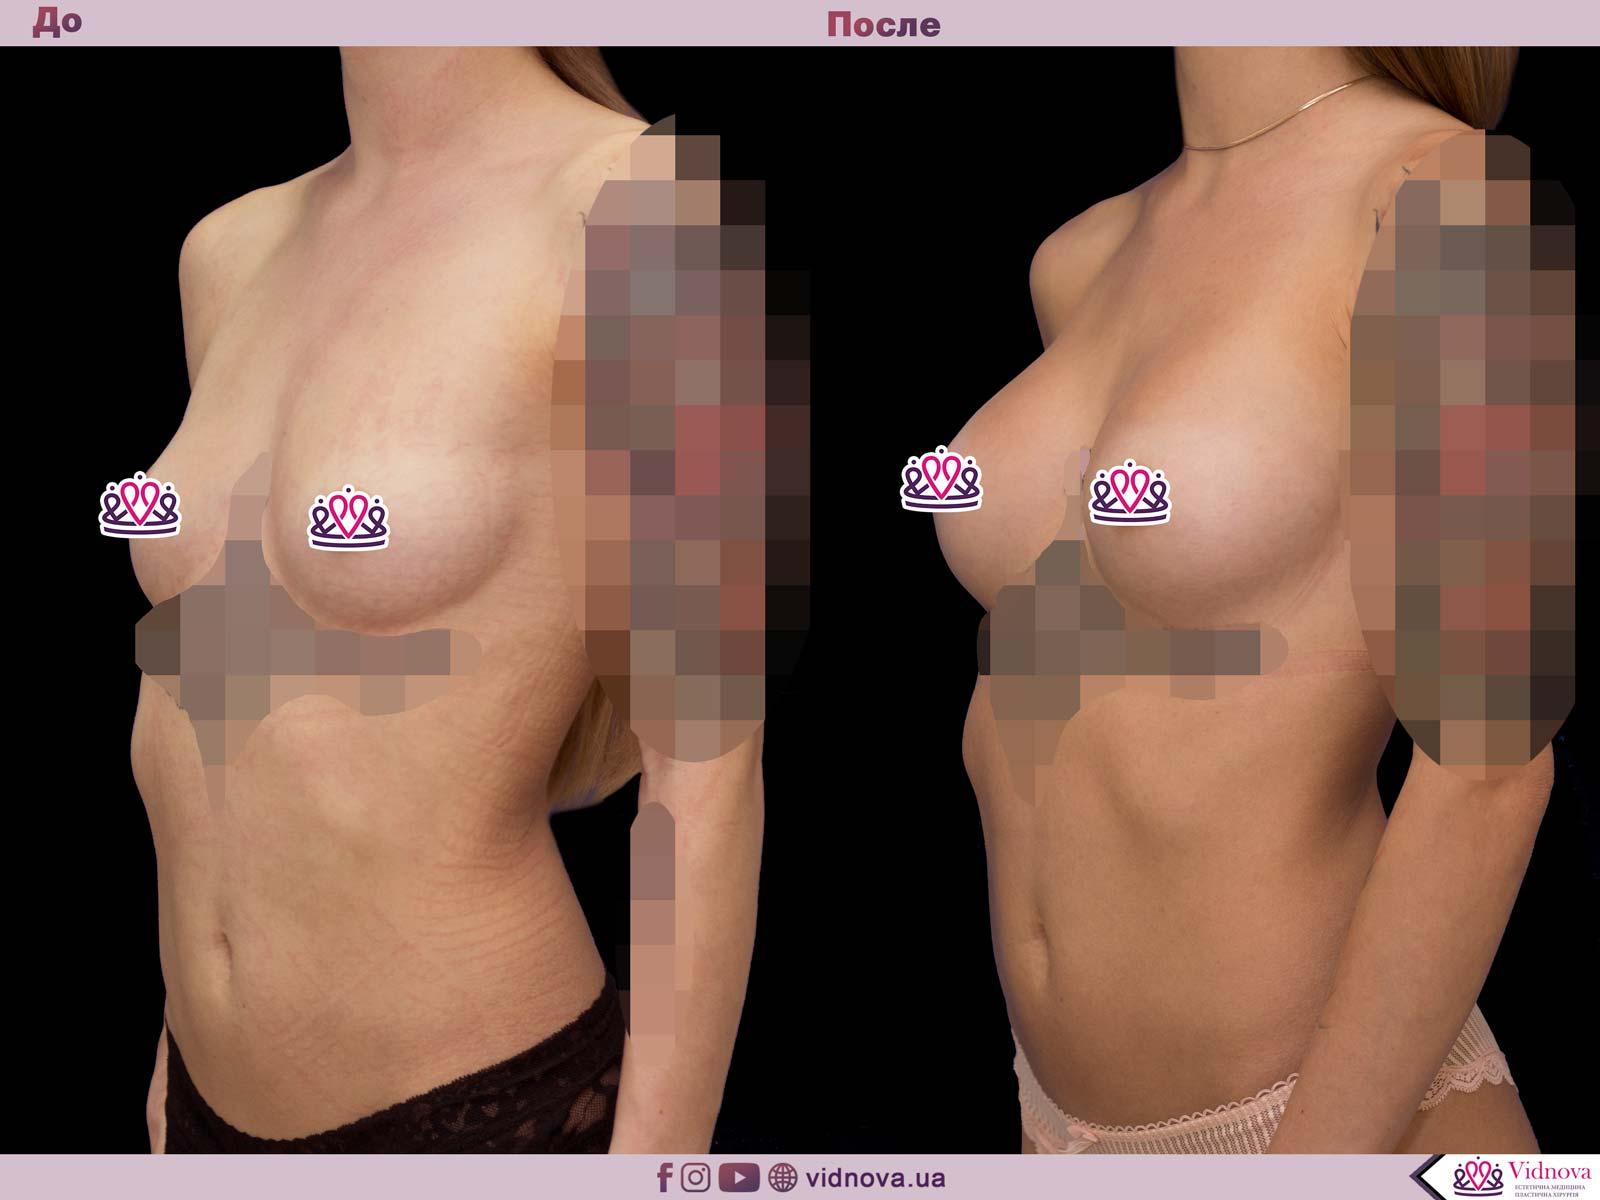 Пластика груди: результаты до и после - Пример №63-1 - Светлана Работенко